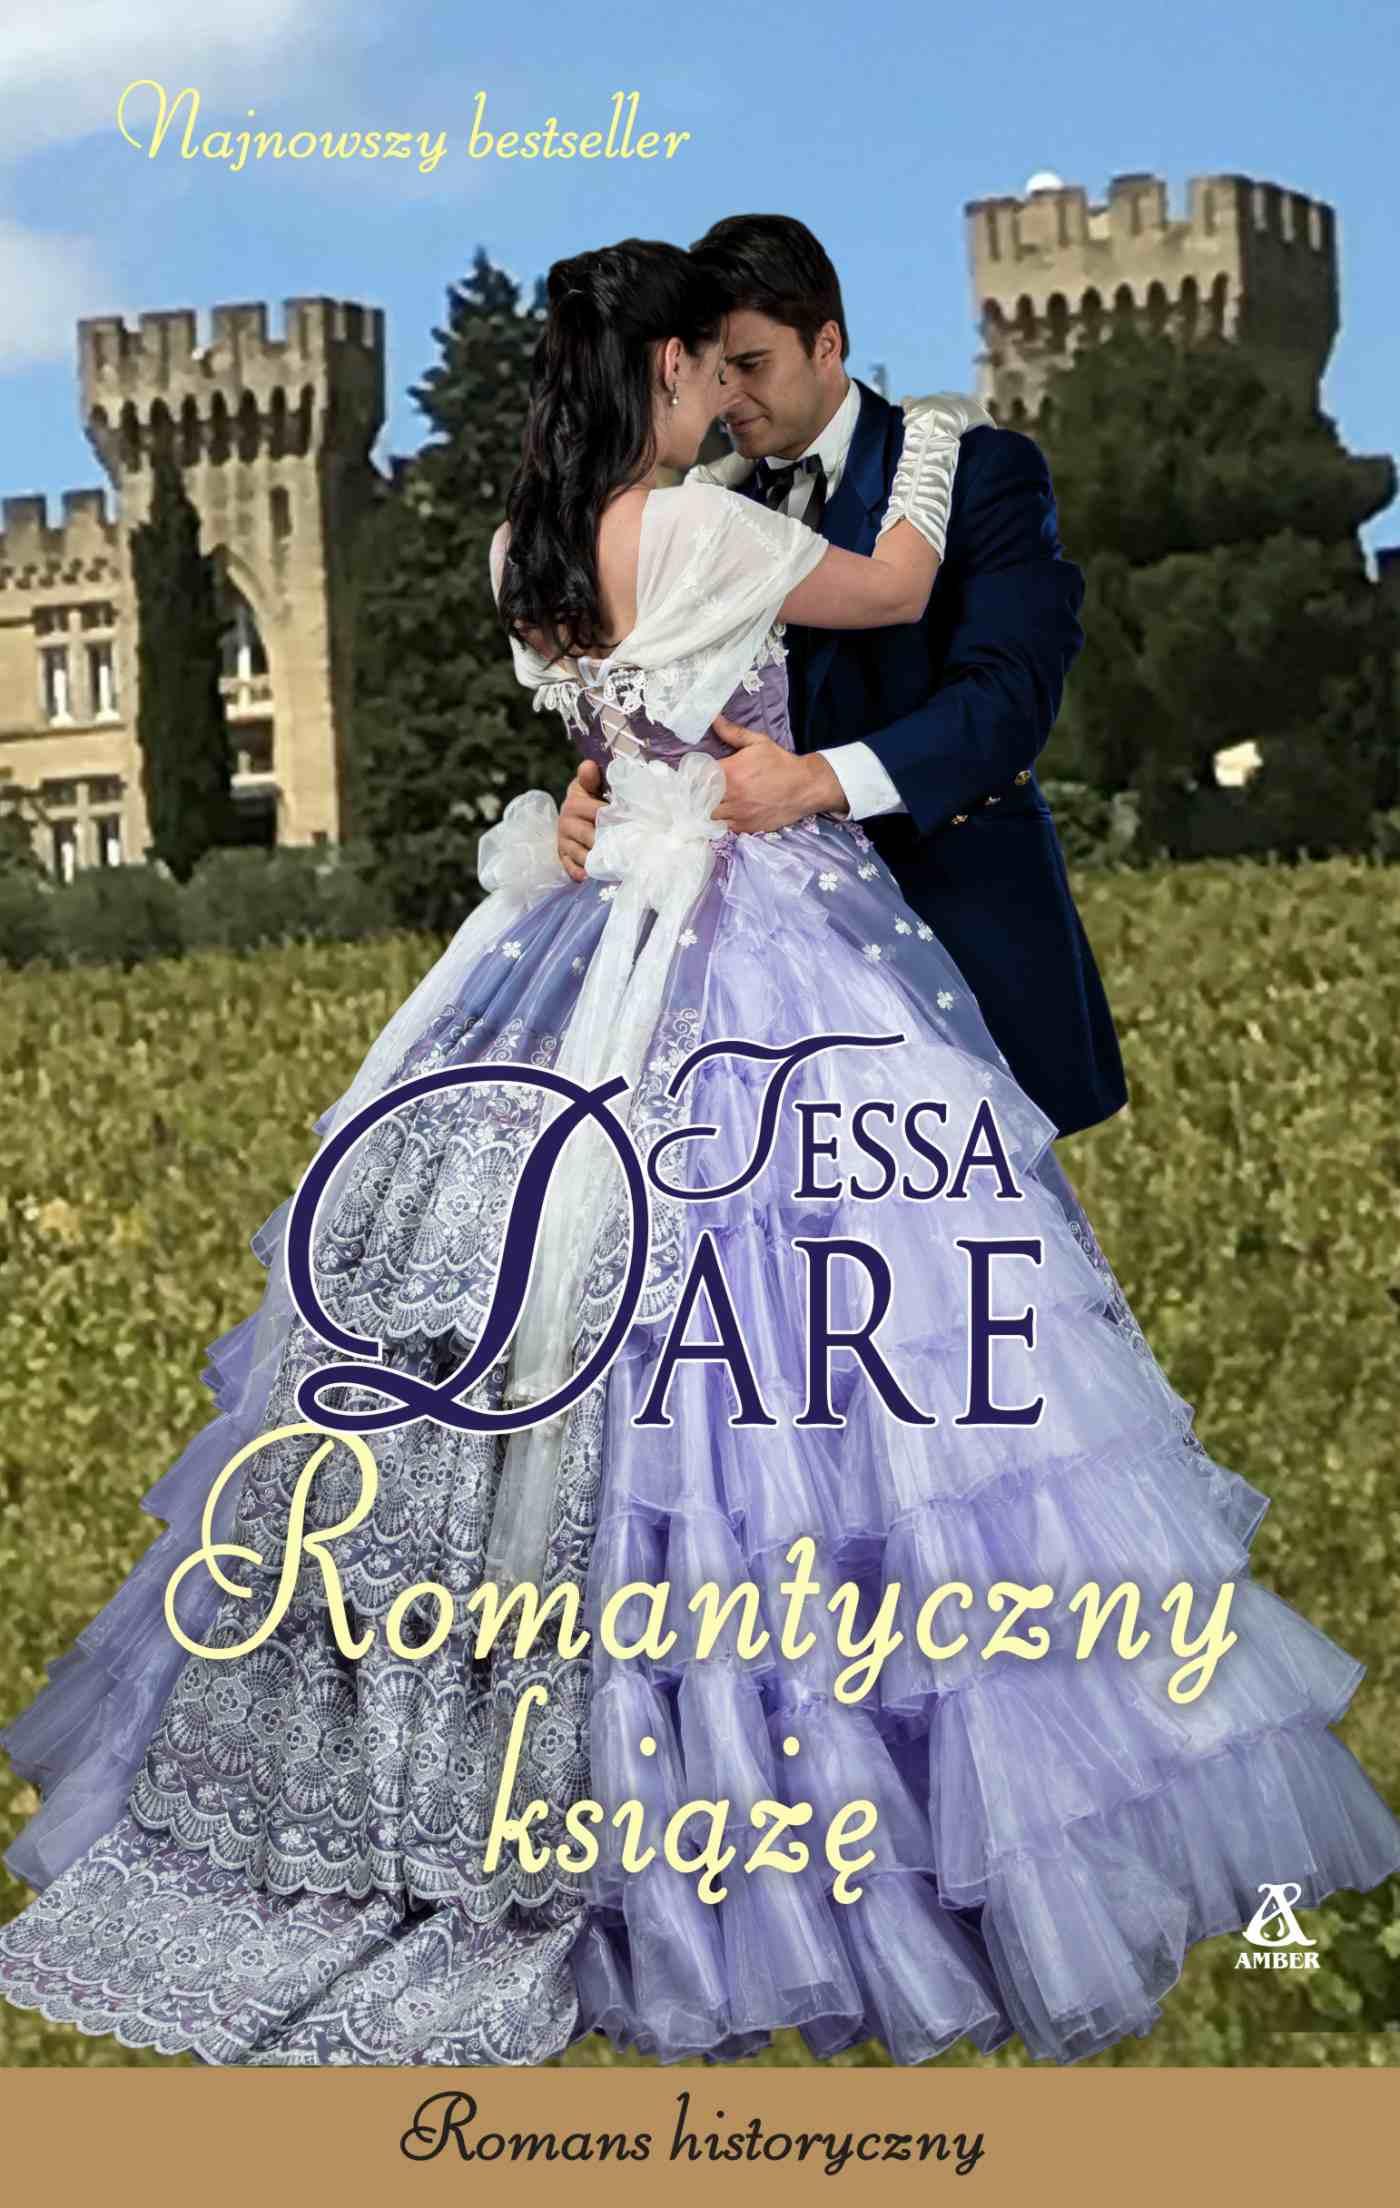 Romantyczny książę - Ebook (Książka na Kindle) do pobrania w formacie MOBI